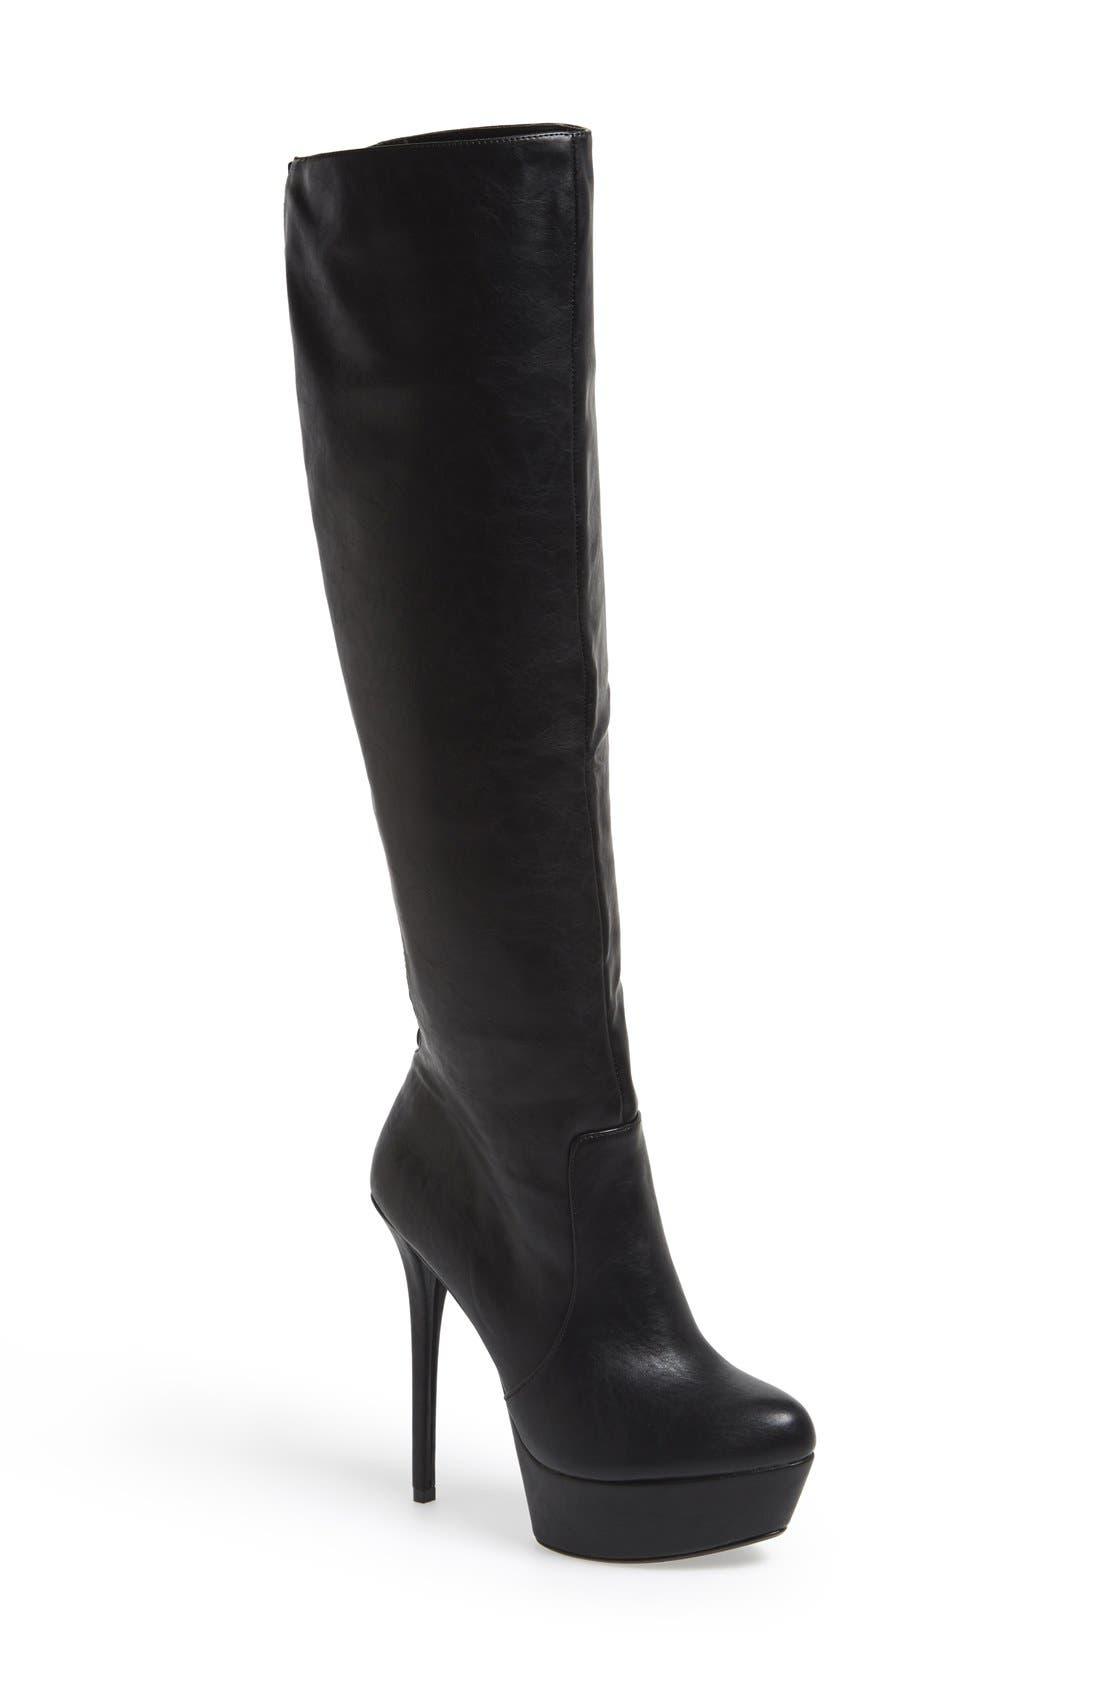 Alternate Image 1 Selected - Steve Madden 'Animall' Platform Boot (Women)